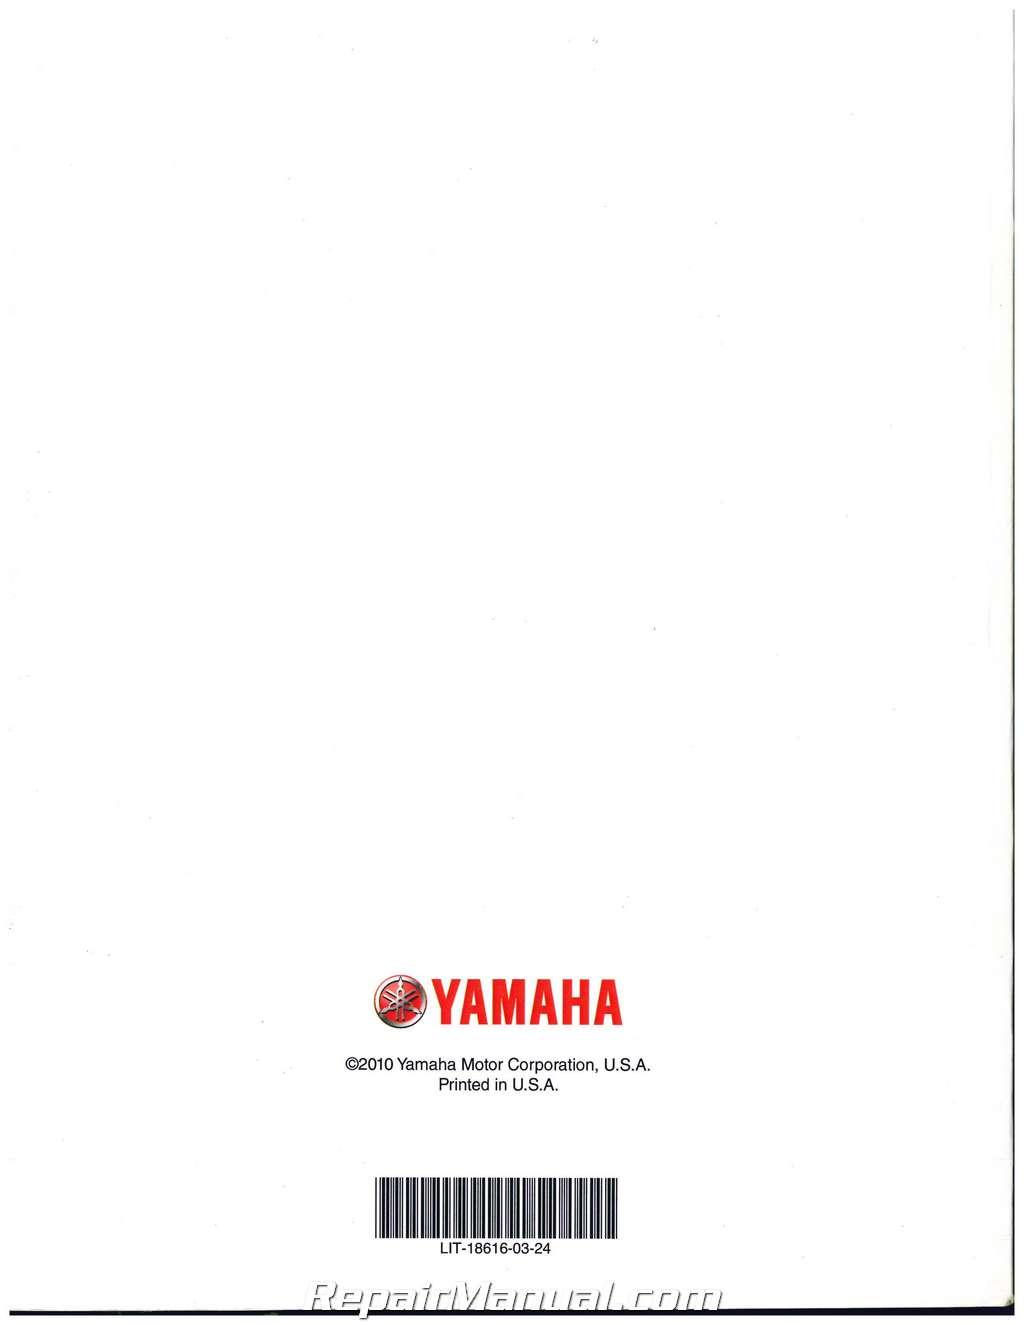 2008 yamaha waverunners sportboats technical update manual